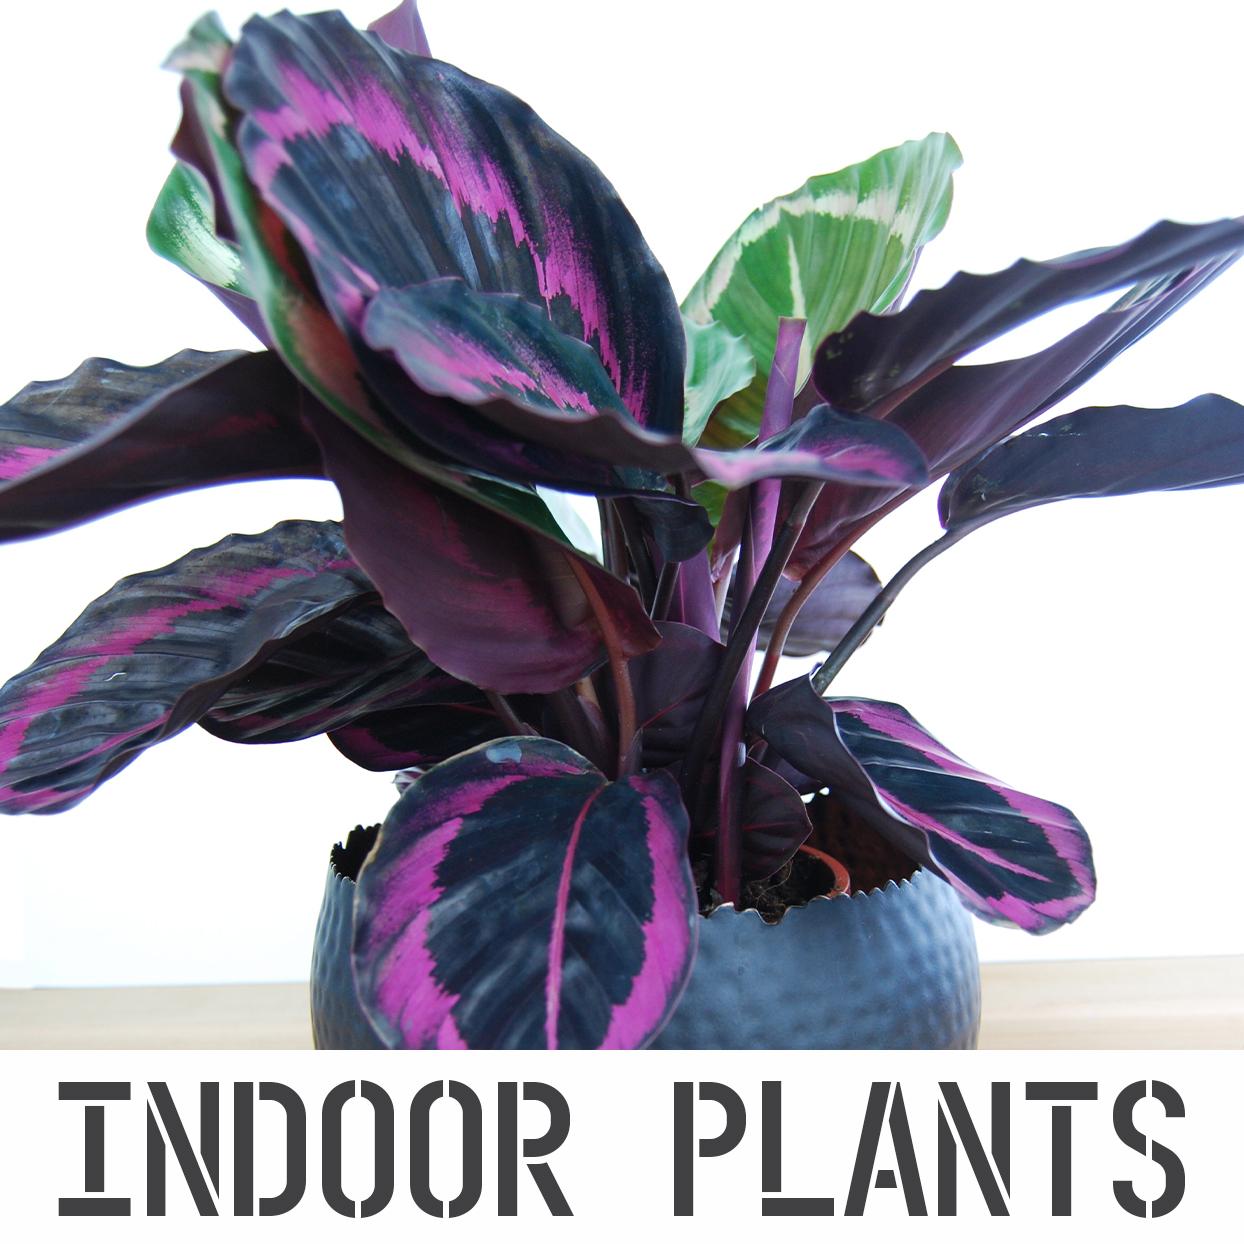 INDOOR PLANTS (R).jpg